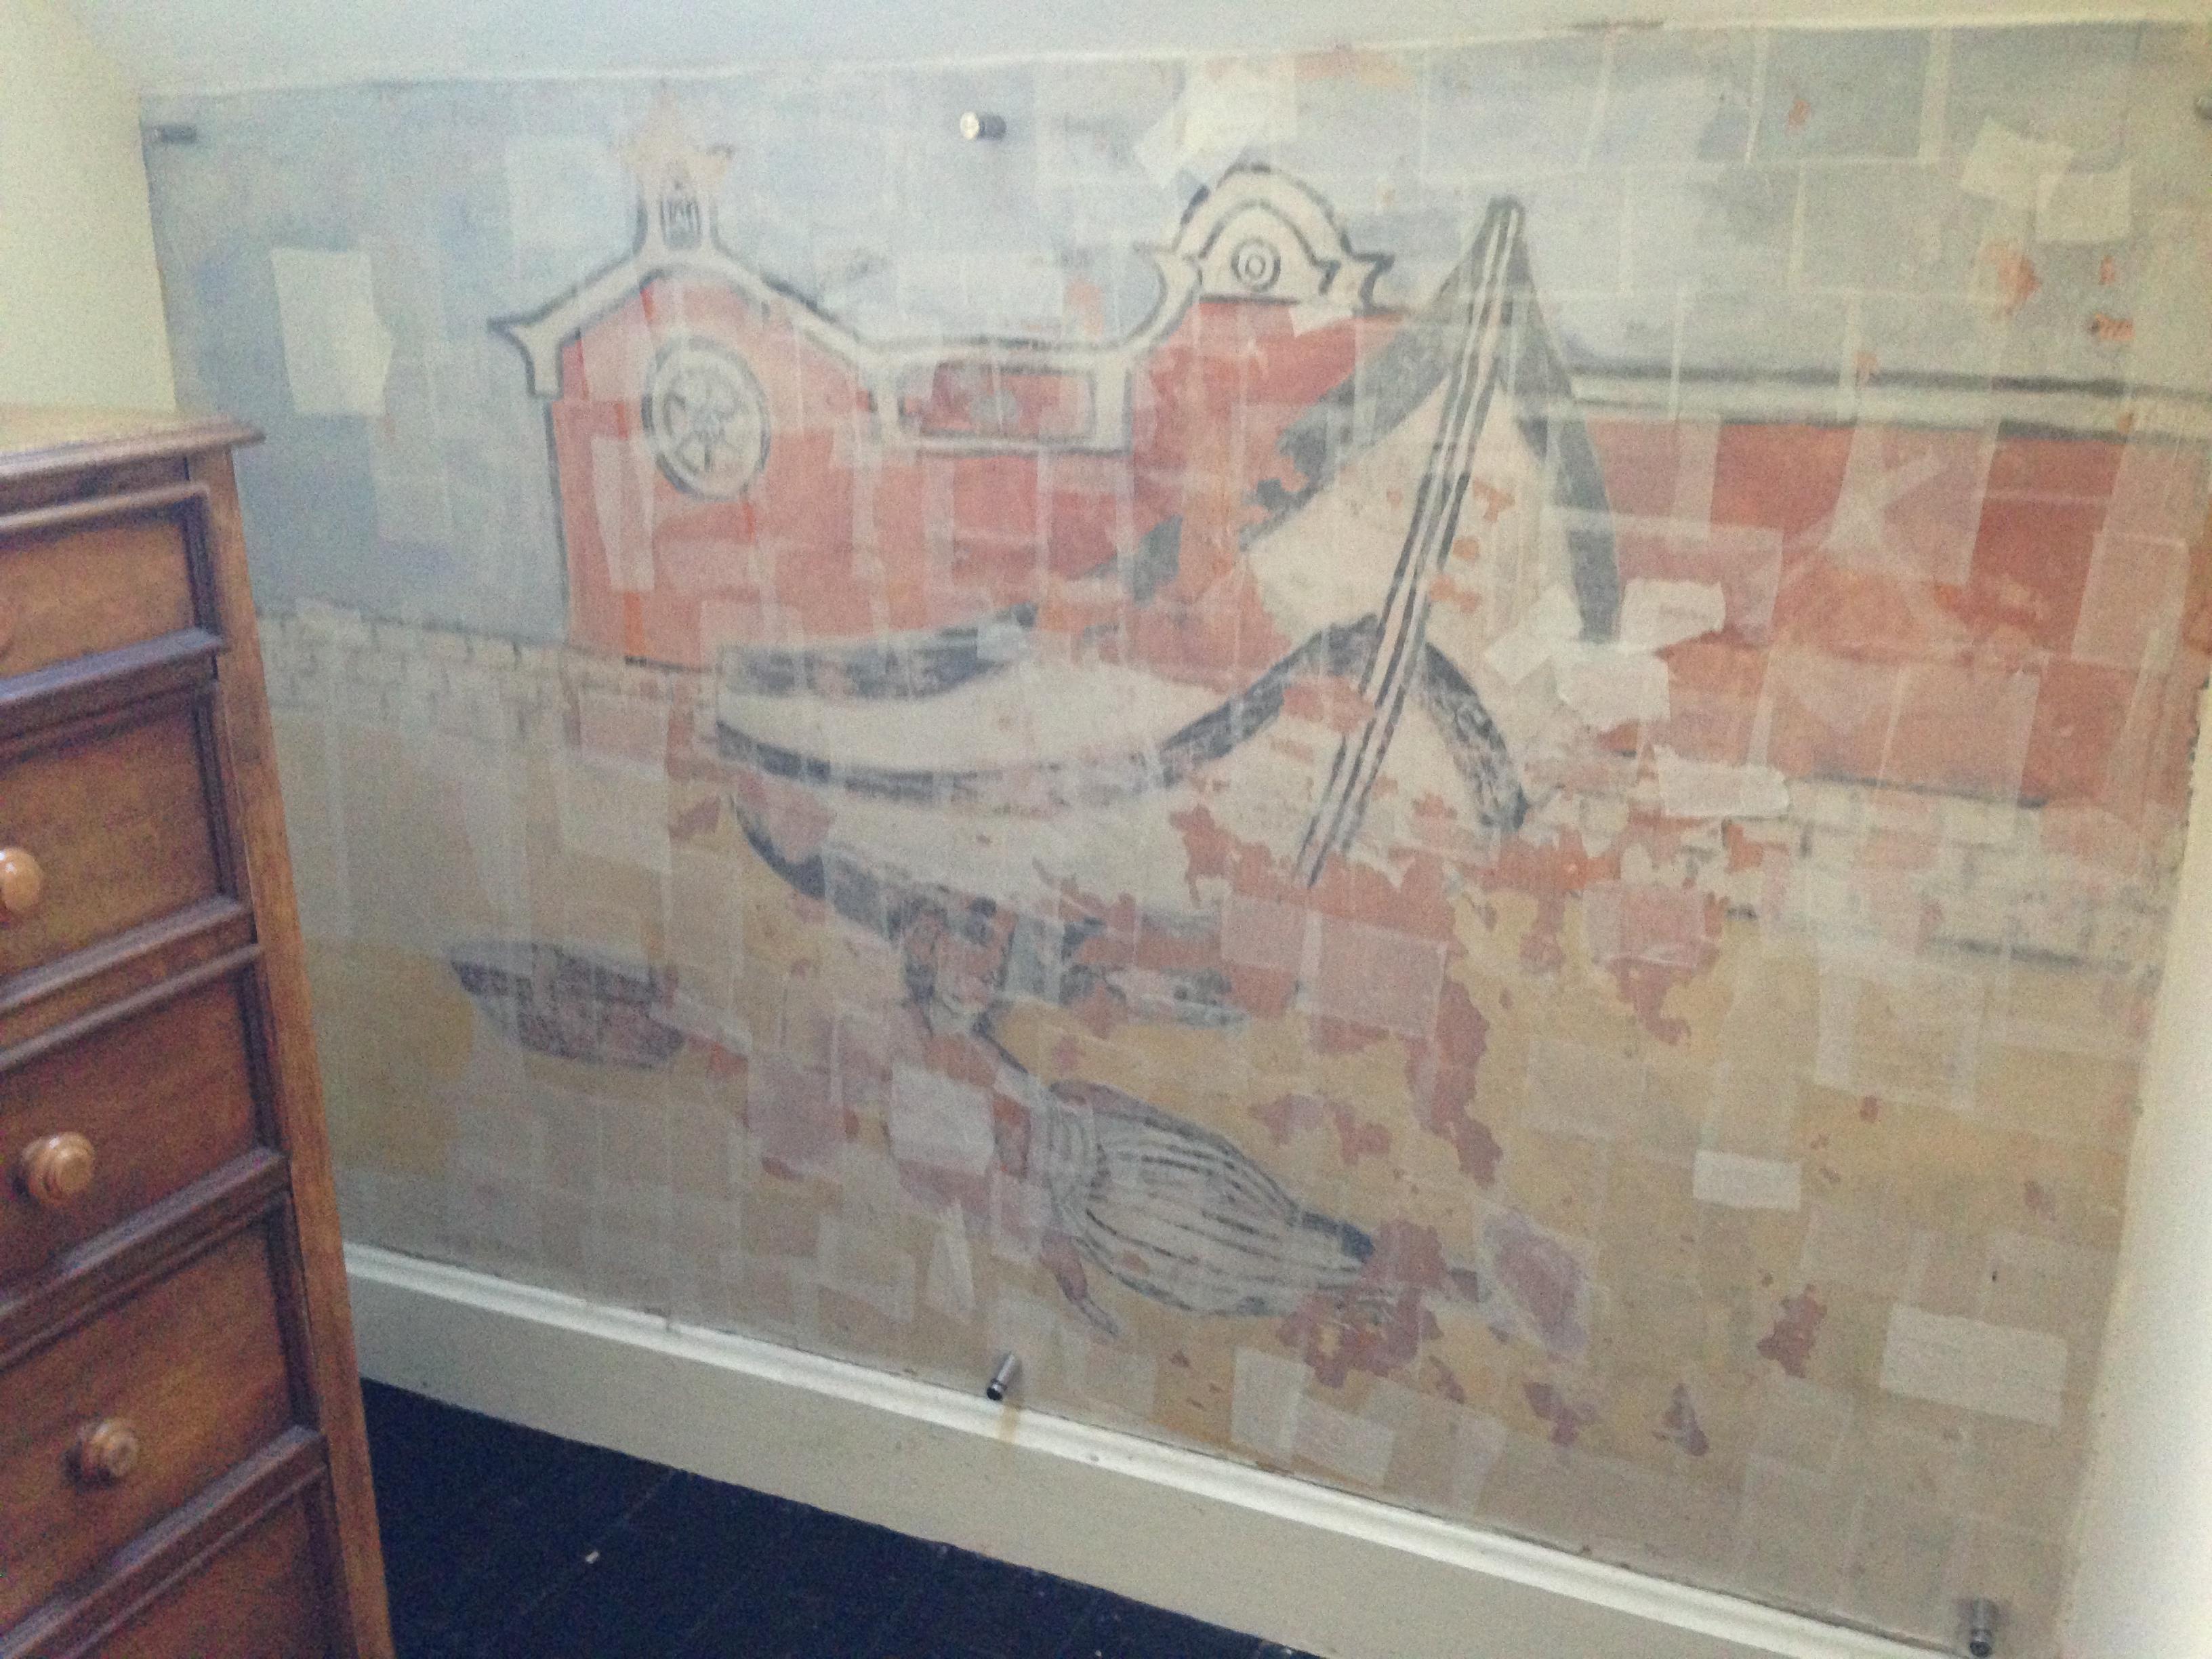 murlun / mural - Brenda Chamberlain